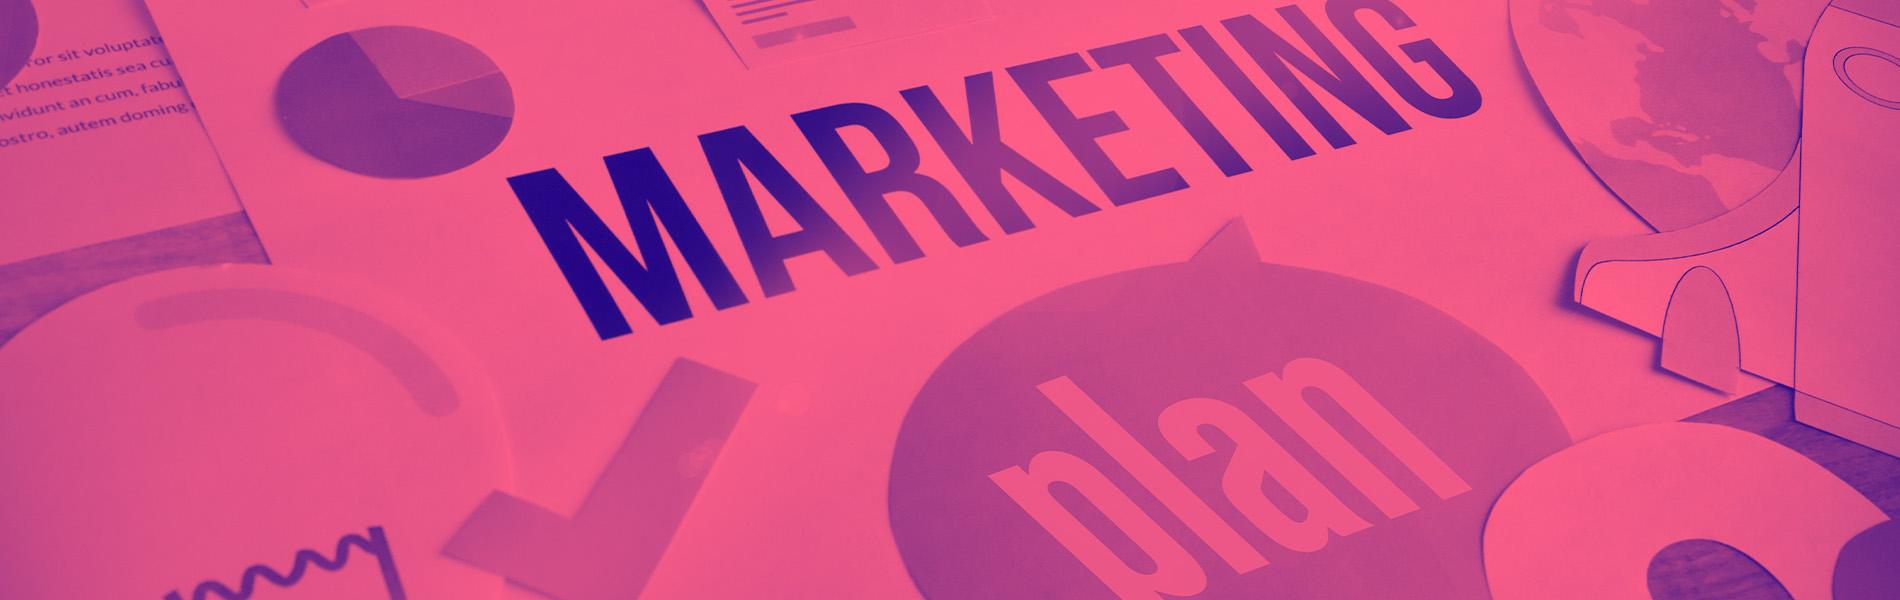 ¿Qué es el marketing experiencial? El poder de la emoción